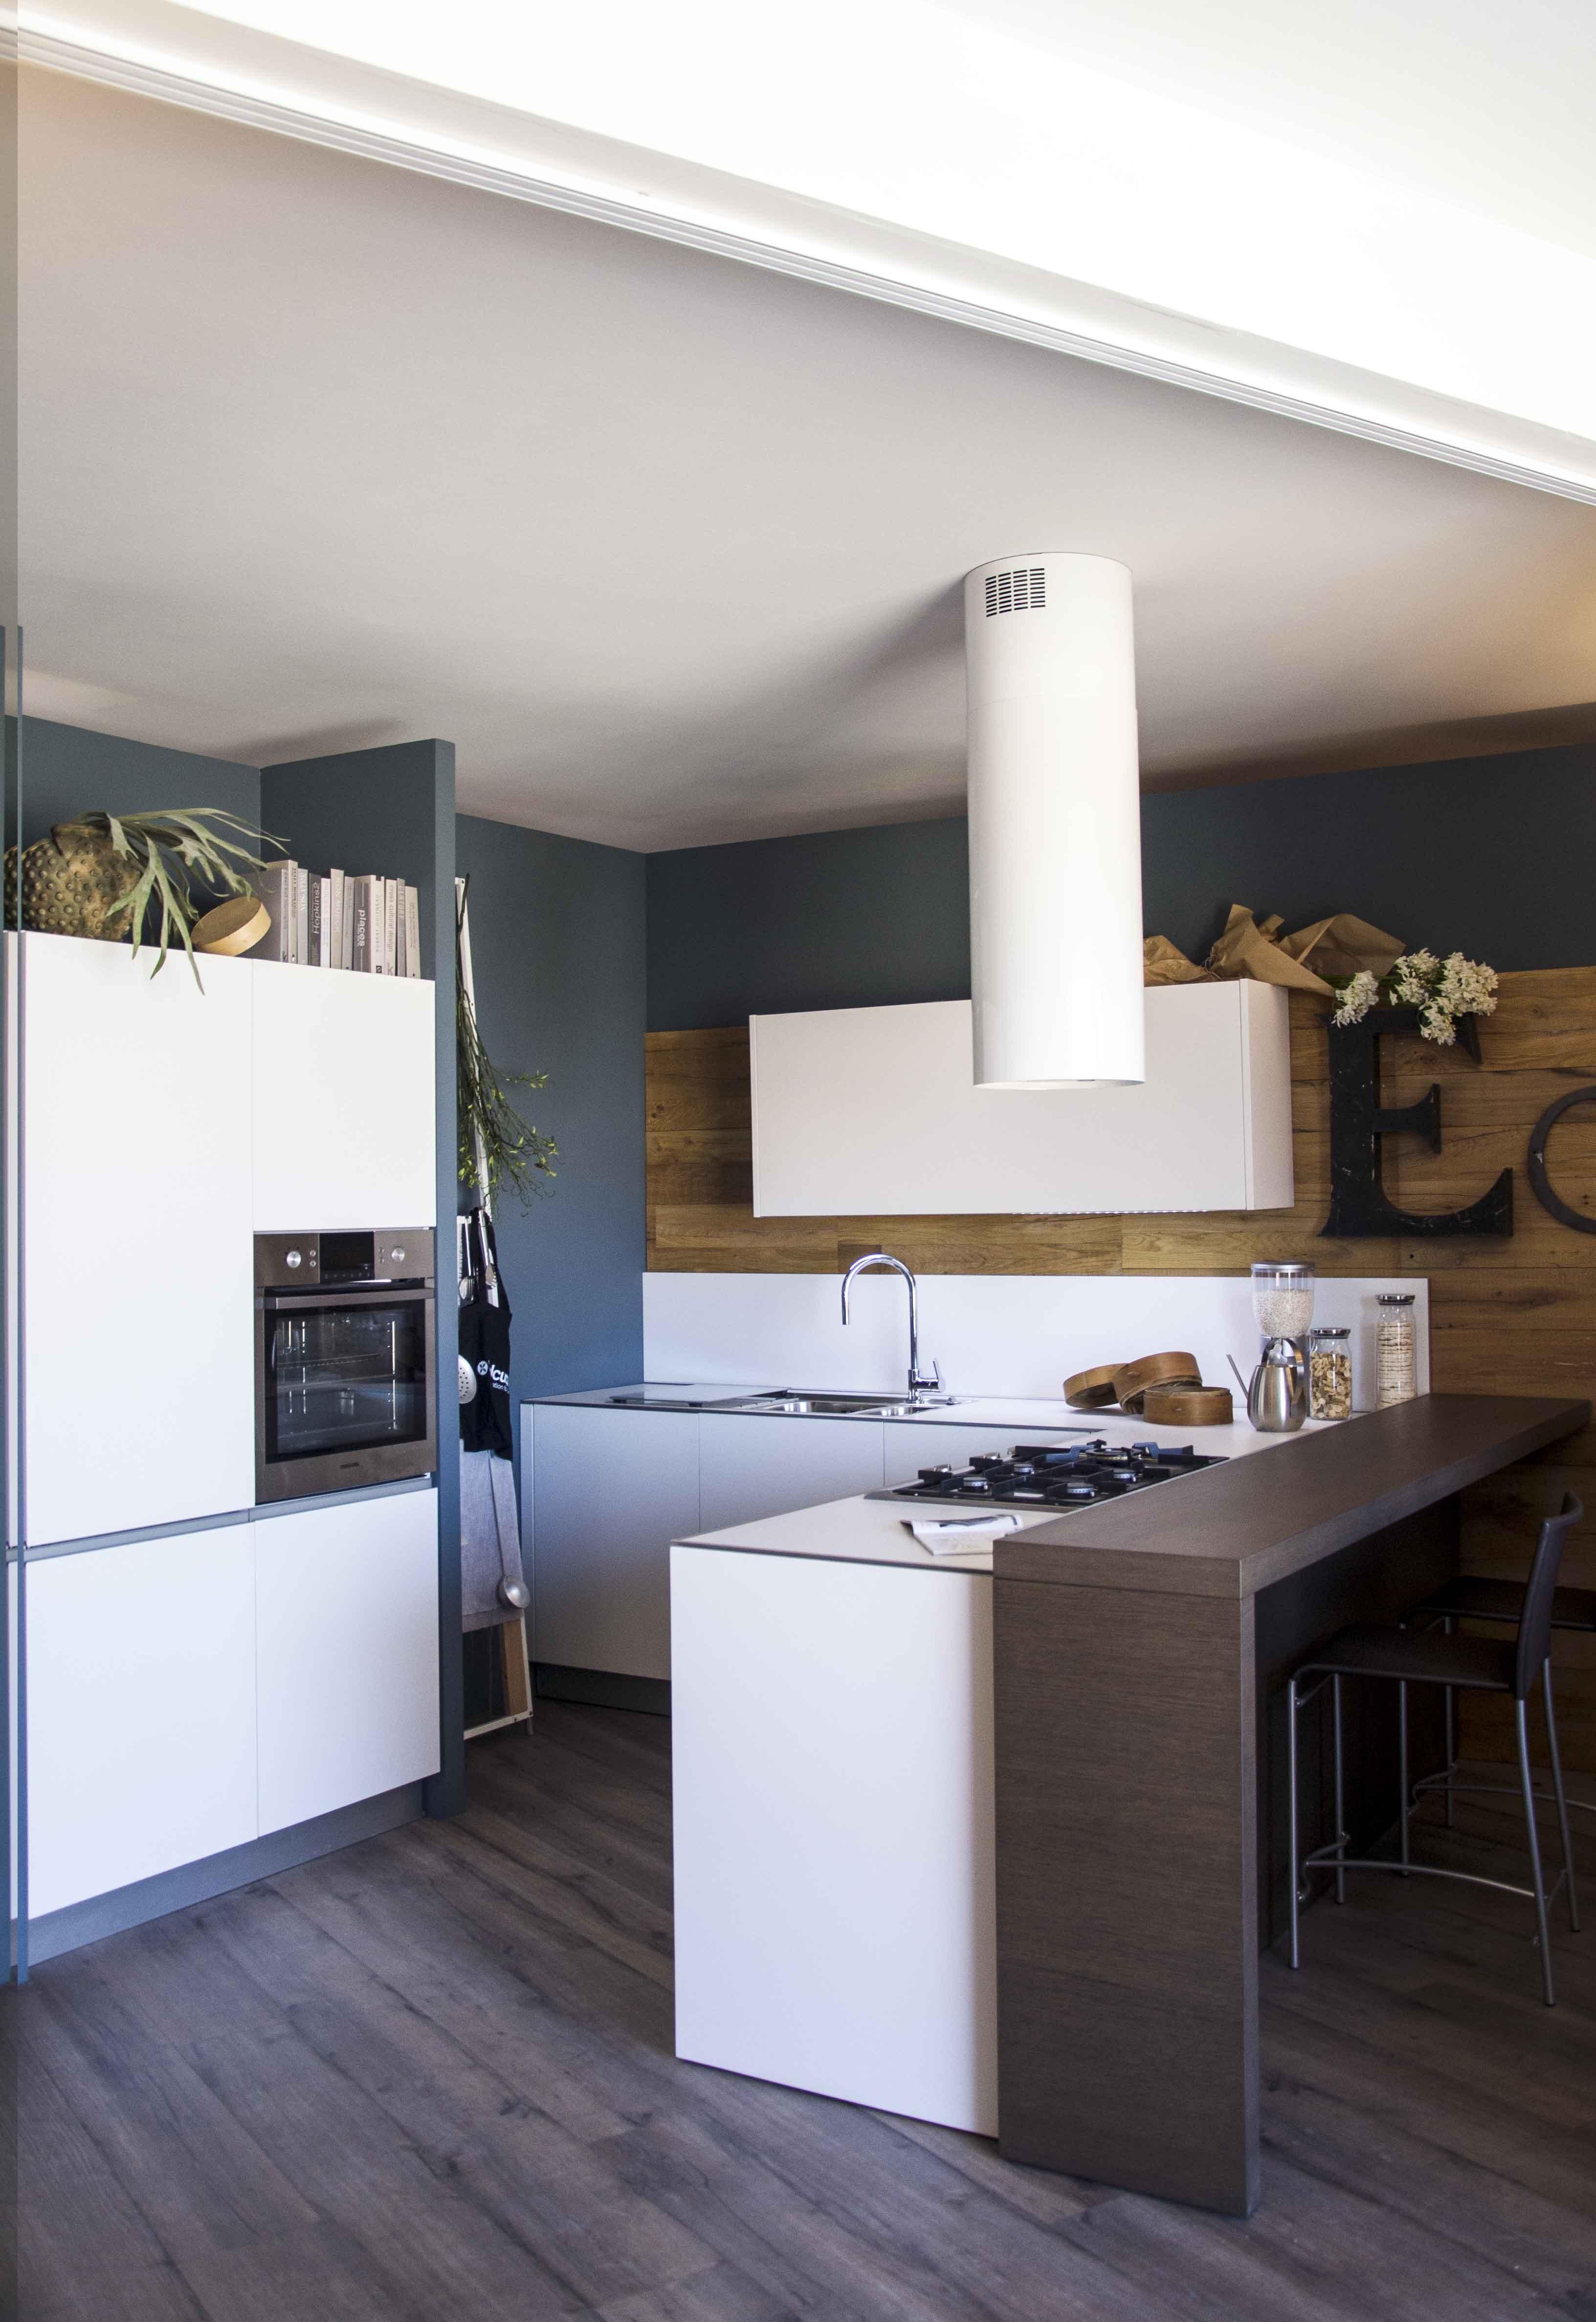 Cucina integra demode by valcucine composizione angolare con penisola scontata 46 cucine a - Cucina angolare con penisola ...